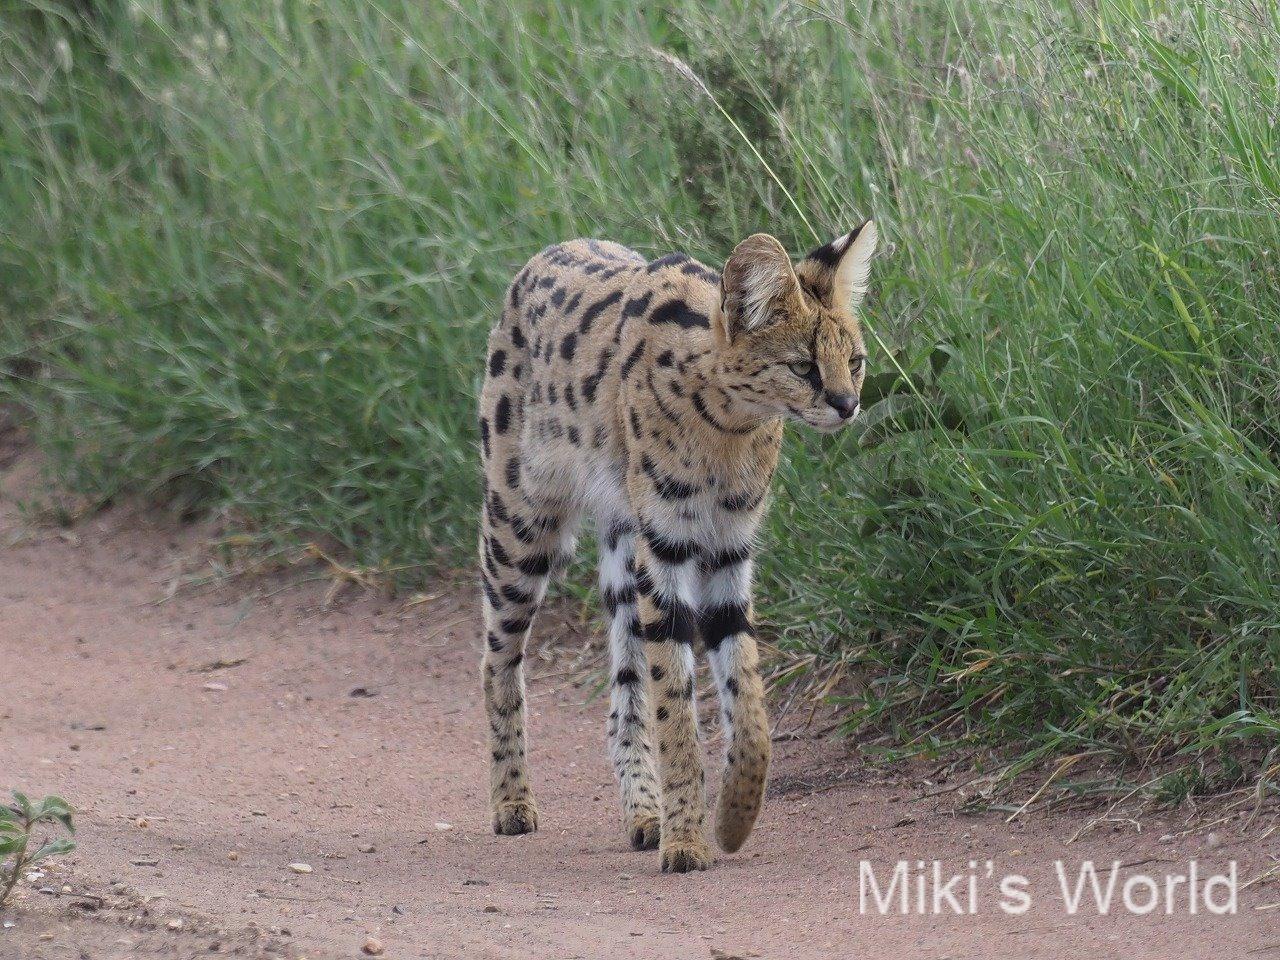 気ままに写真集 タンザニア セレンゲティ国立公園 その2